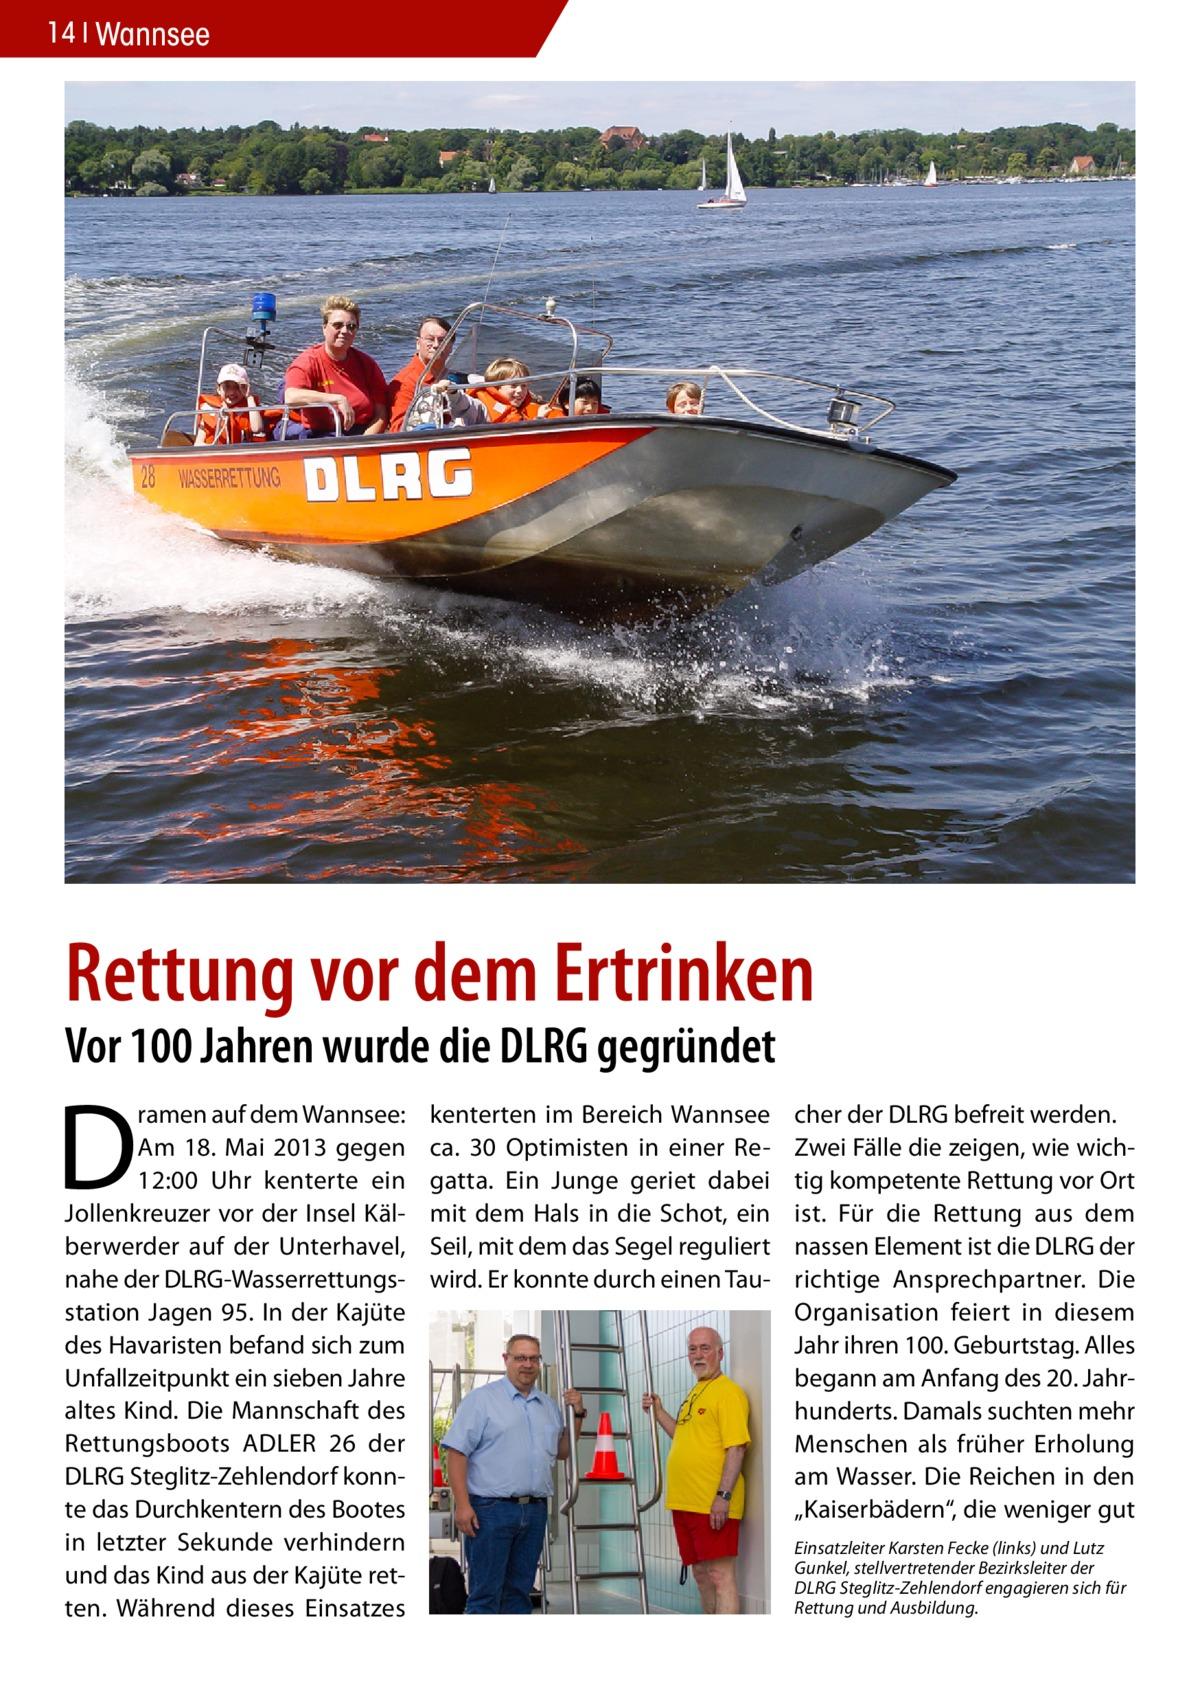 """14 Wannsee  Rettung vor dem Ertrinken Vor 100 Jahren wurde die DLRG gegründet  D  ramen auf dem Wannsee: Am 18. Mai 2013 gegen 12:00 Uhr kenterte ein Jollenkreuzer vor der Insel Kälberwerder auf der Unterhavel, nahe der DLRG-Wasserrettungsstation Jagen 95. In der Kajüte des Havaristen befand sich zum Unfallzeitpunkt ein sieben Jahre altes Kind. Die Mannschaft des Rettungsboots ADLER 26 der DLRG Steglitz-Zehlendorf konnte das Durchkentern des Bootes in letzter Sekunde verhindern und das Kind aus der Kajüte retten. Während dieses Einsatzes  kenterten im Bereich Wannsee ca. 30 Optimisten in einer Regatta. Ein Junge geriet dabei mit dem Hals in die Schot, ein Seil, mit dem das Segel reguliert wird. Er konnte durch einen Tau cher der DLRG befreit werden. Zwei Fälle die zeigen, wie wichtig kompetente Rettung vor Ort ist. Für die Rettung aus dem nassen Element ist die DLRG der richtige Ansprechpartner. Die Organisation feiert in diesem Jahr ihren 100. Geburtstag. Alles begann am Anfang des 20. Jahrhunderts. Damals suchten mehr Menschen als früher Erholung am Wasser. Die Reichen in den """"Kaiserbädern"""", die weniger gut Einsatzleiter Karsten Fecke (links) und Lutz Gunkel, stellvertretender Bezirksleiter der DLRG Steglitz-Zehlendorf engagieren sich für Rettung und Ausbildung."""